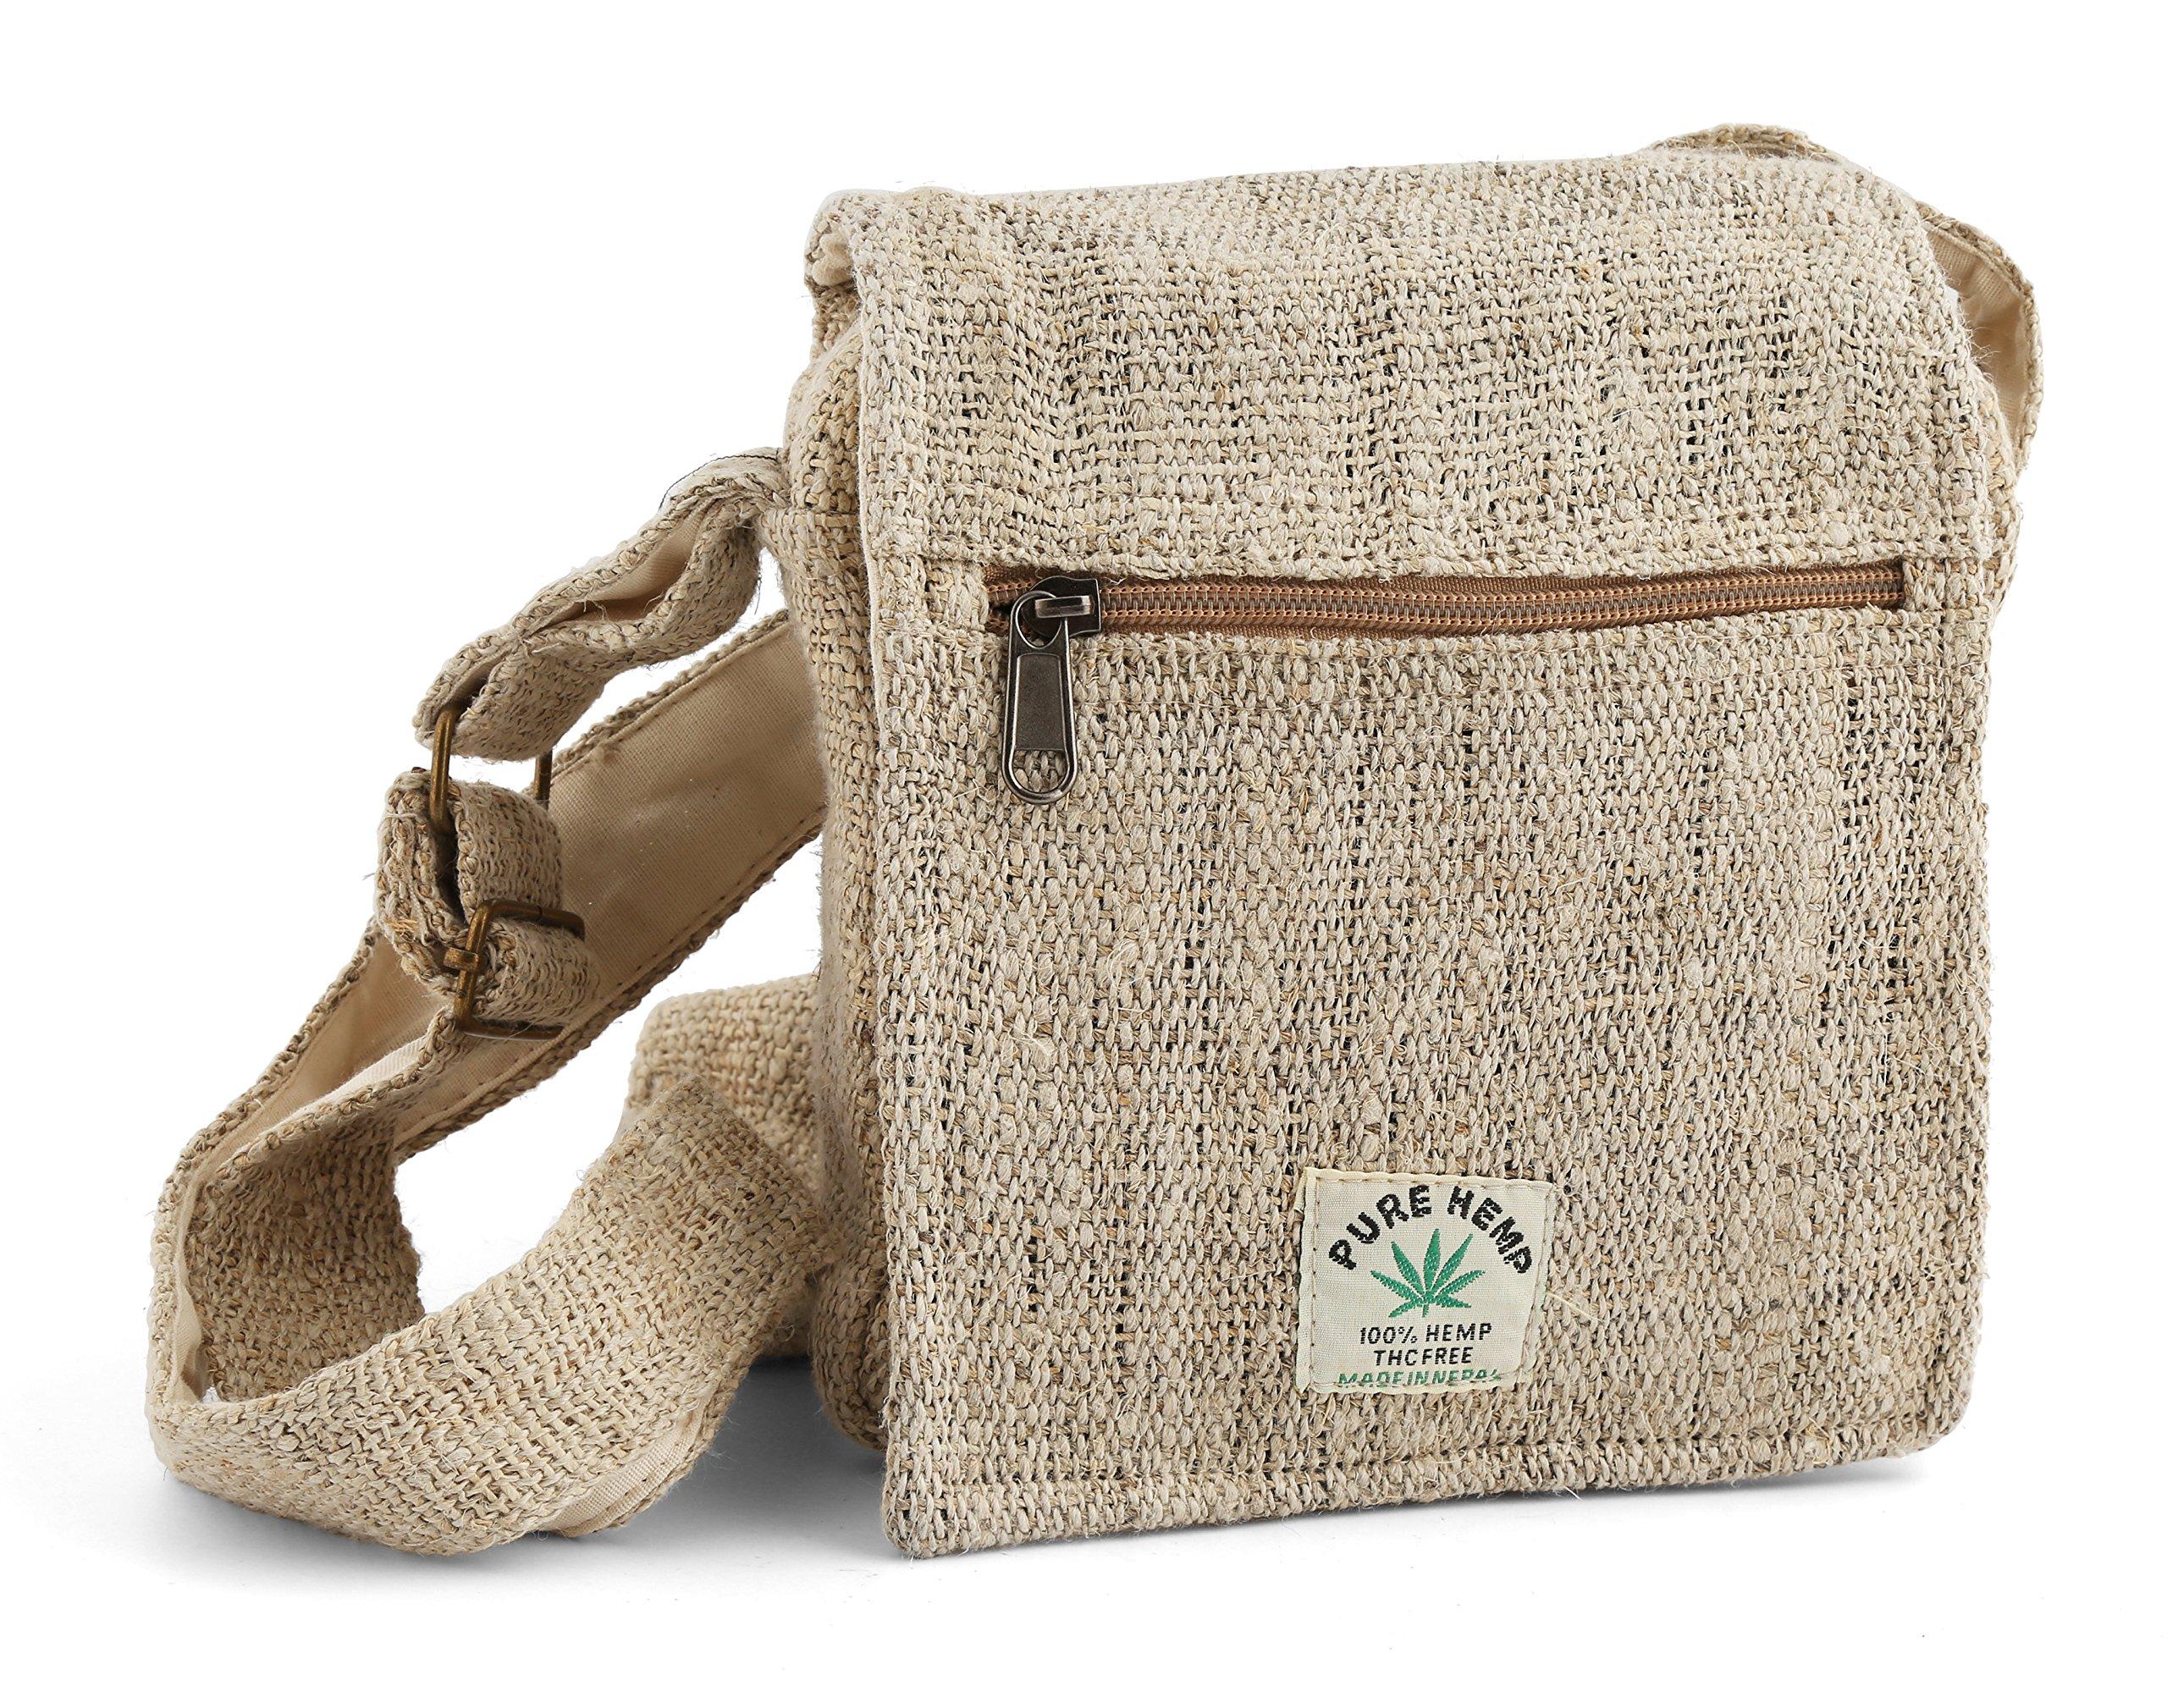 Hemp Sidepack - Natural Boho Crossbody Bag for Women or Men - Small